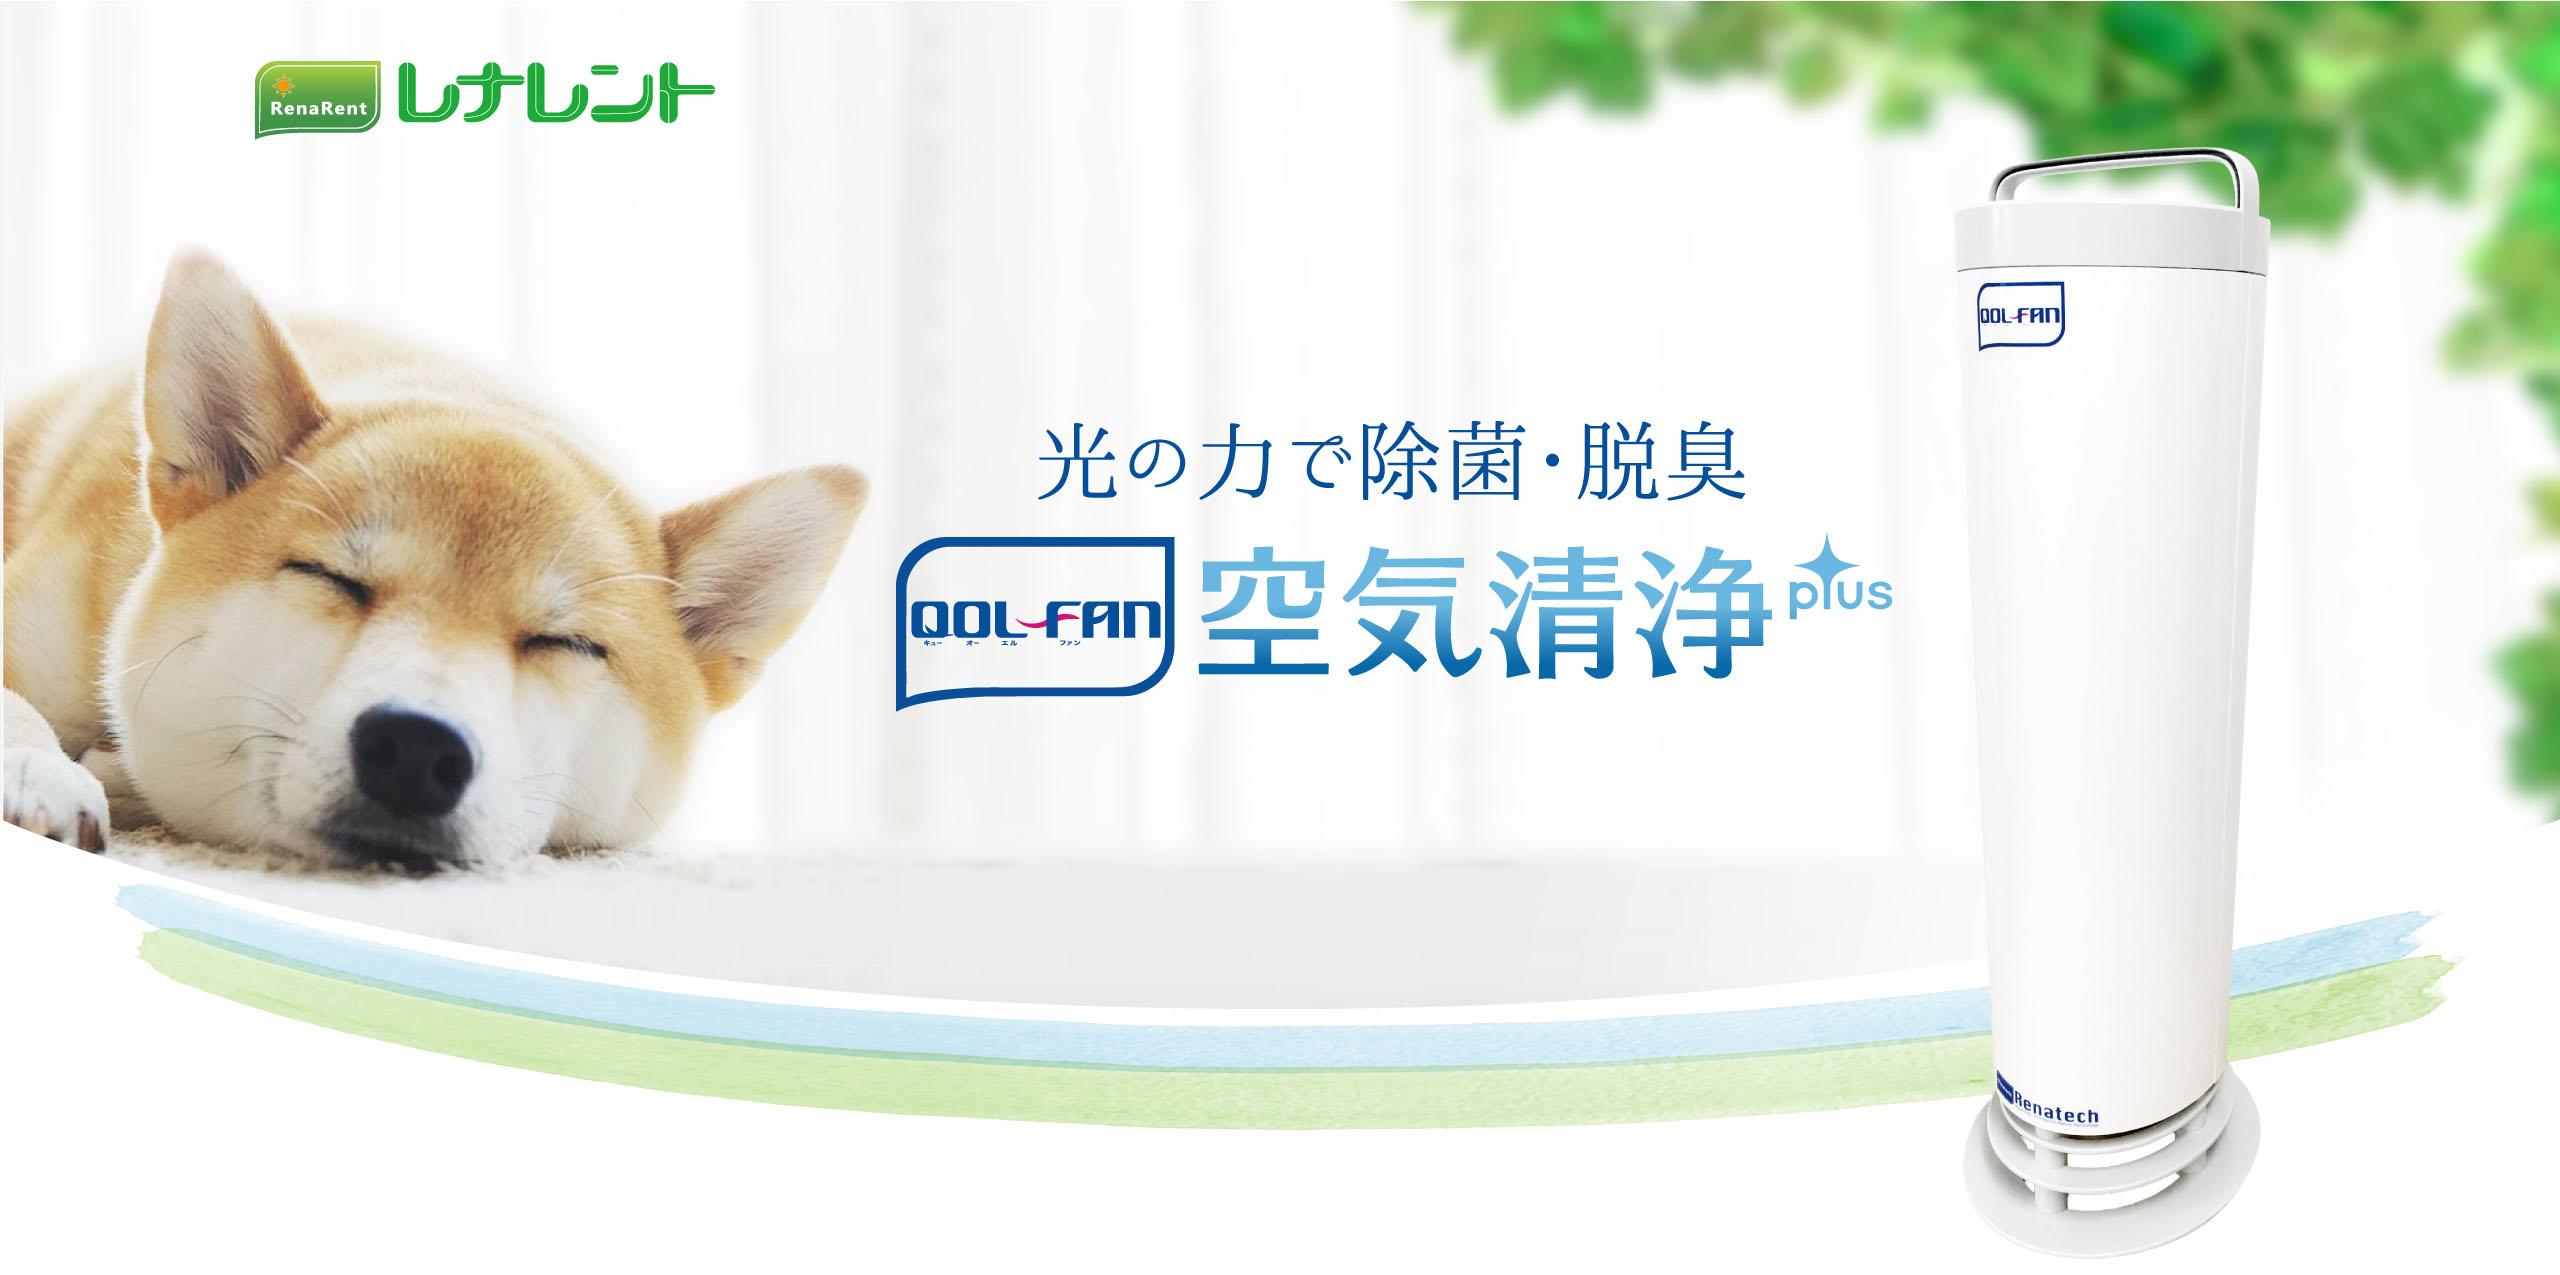 ペット臭・ペットの健康に-光触媒の力で除菌・脱臭 QOL-FAN 空気清浄plus